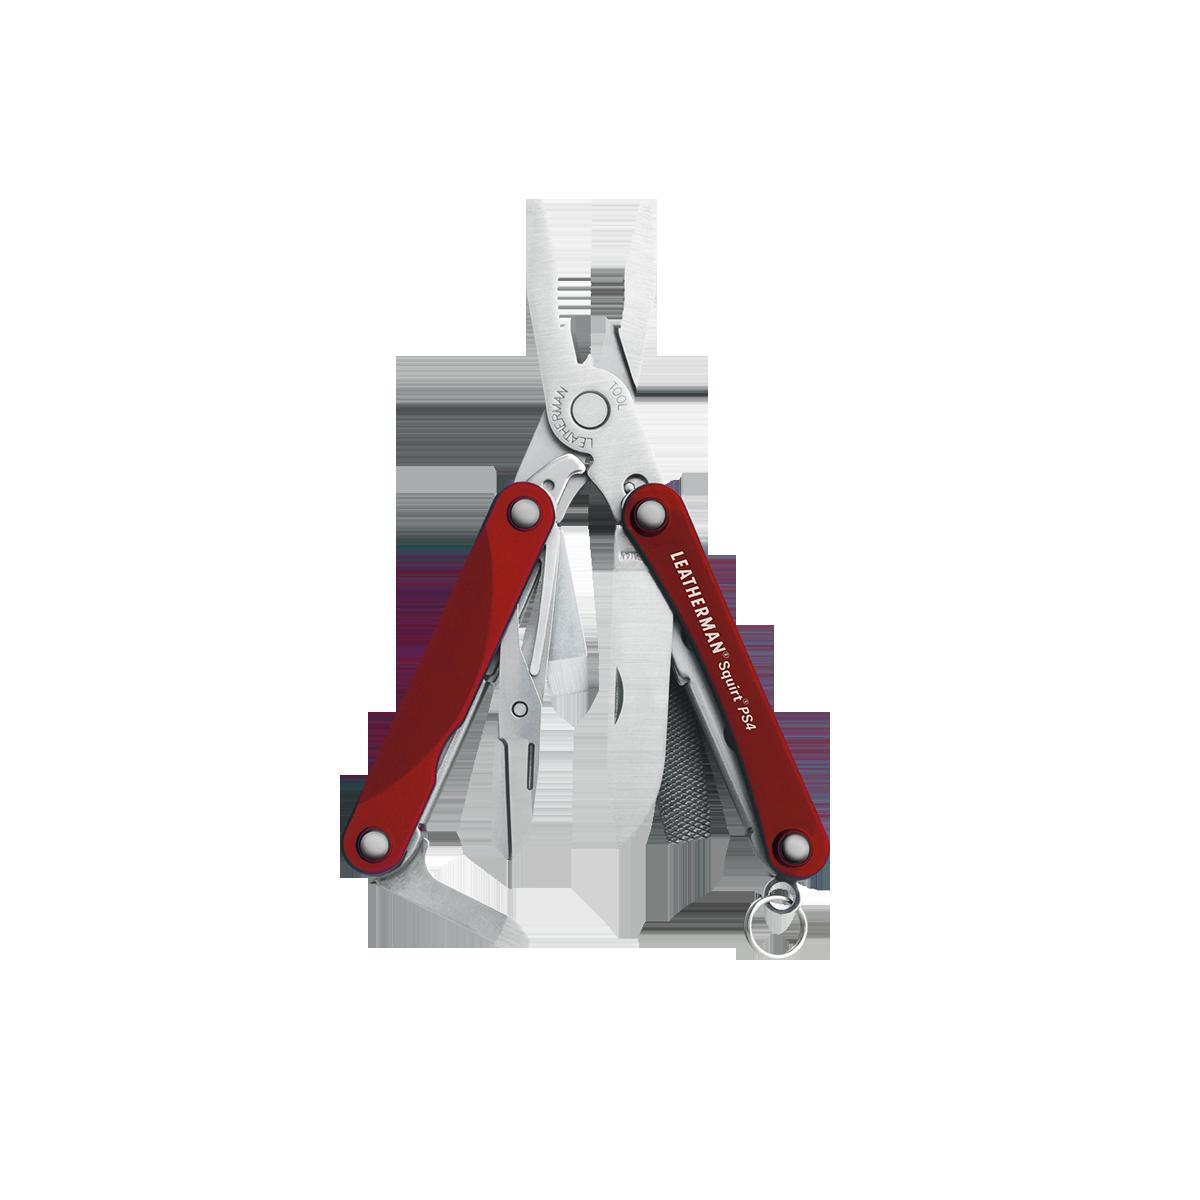 Kìm Đa Năng Leatherman Squirt® PS4